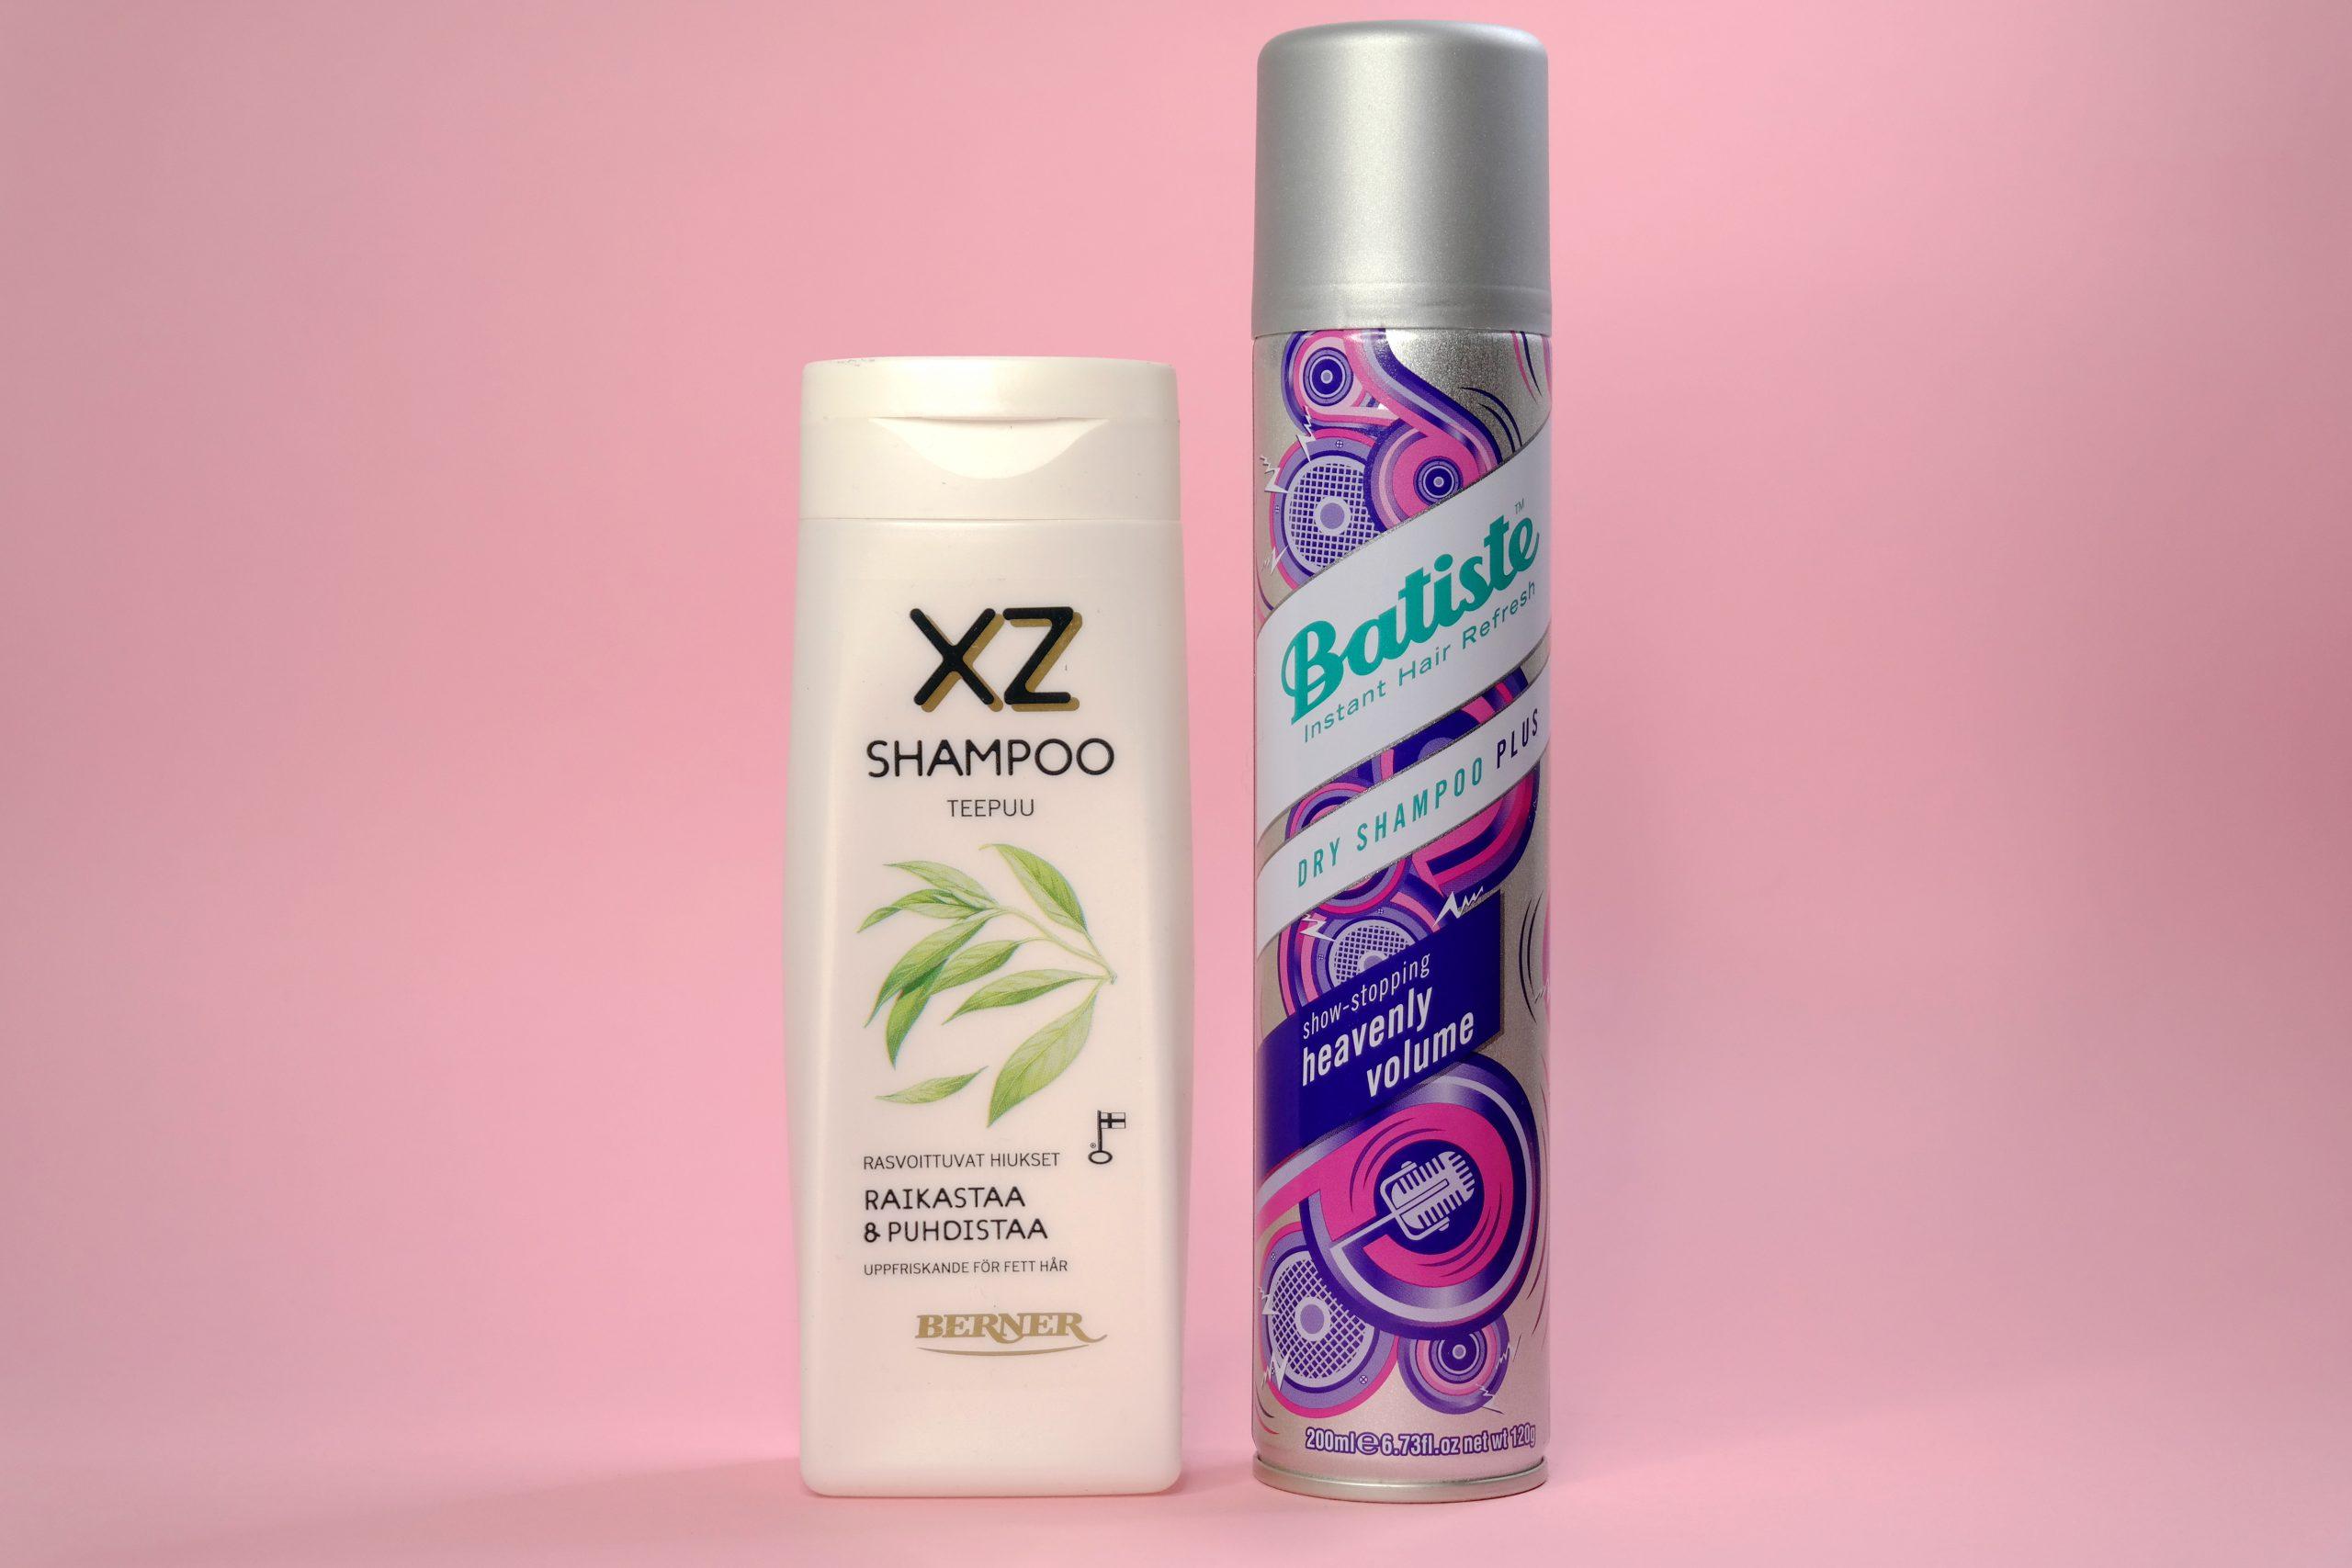 XZ Shampoo rasvoittuvat hiukset, Batiste Heavenly volume dry shampoo